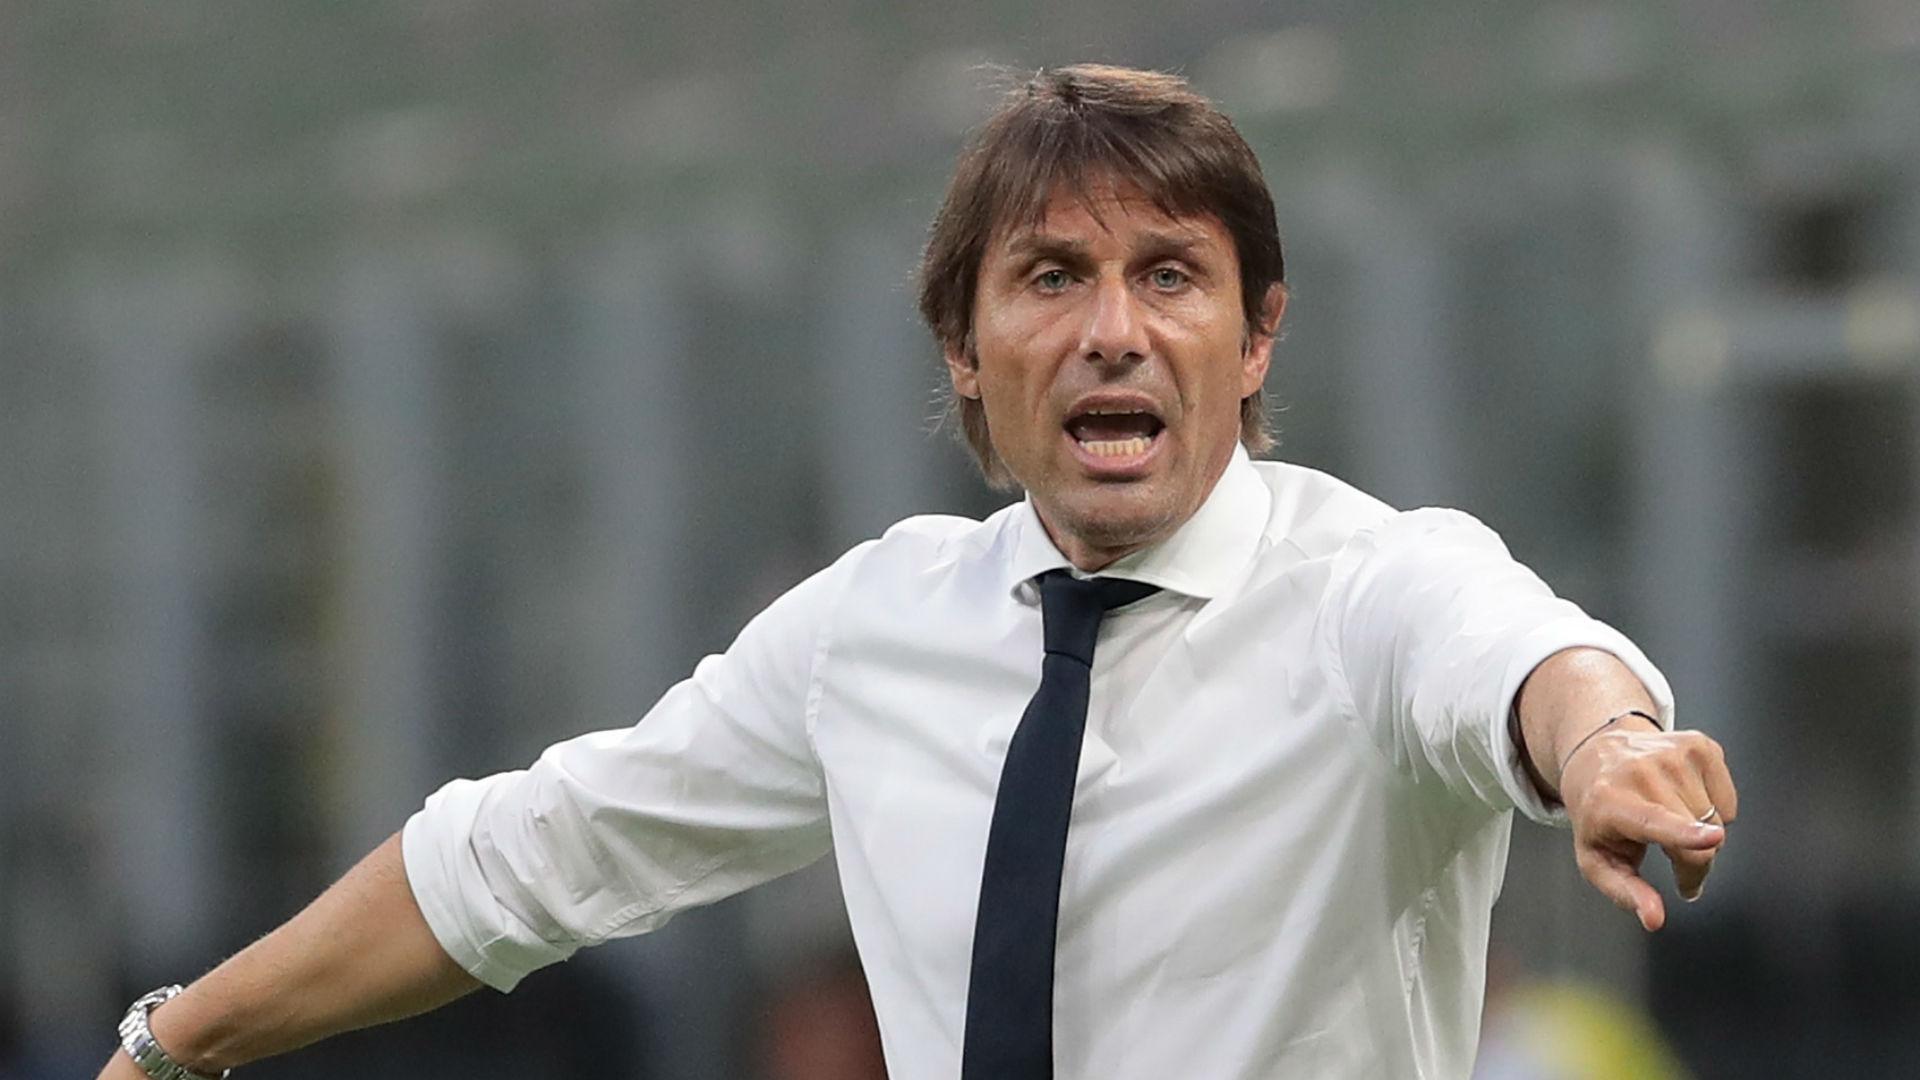 Antonio Conte discussed his future and Inter's 3-1 win over Torino.